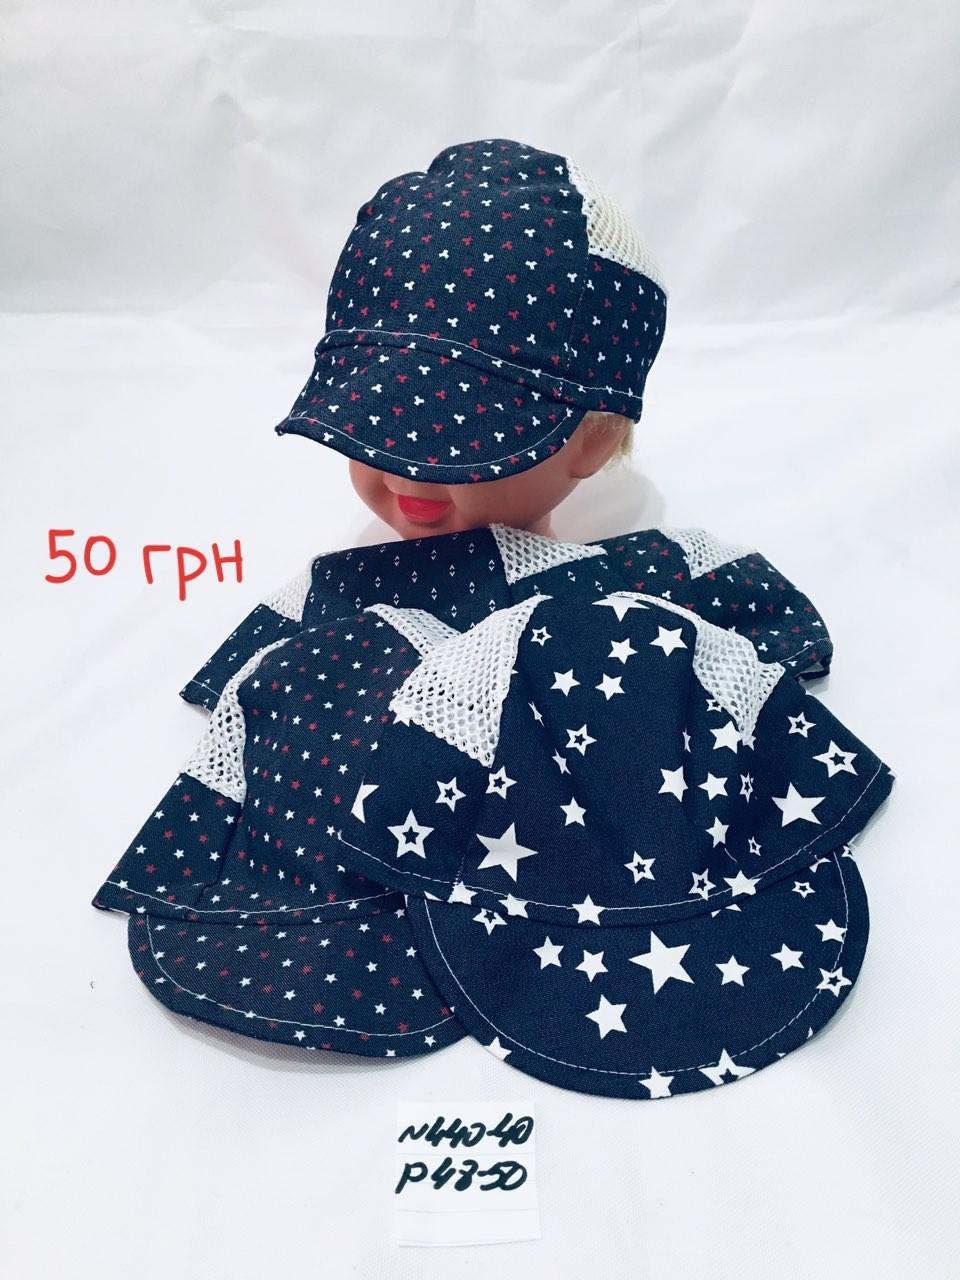 Детская кепка для мальчика однотонная,р.48-50,коттон